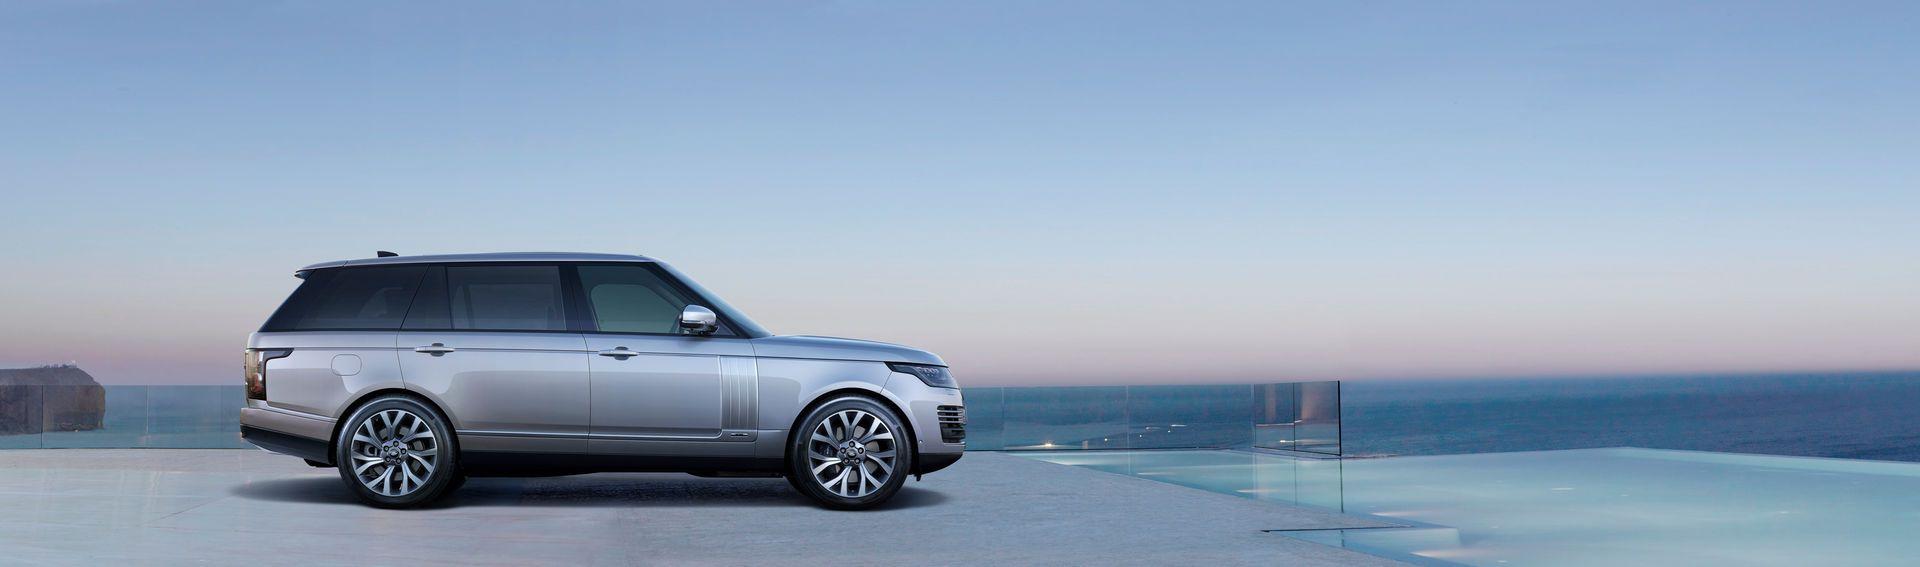 2021-Range-Rover-41